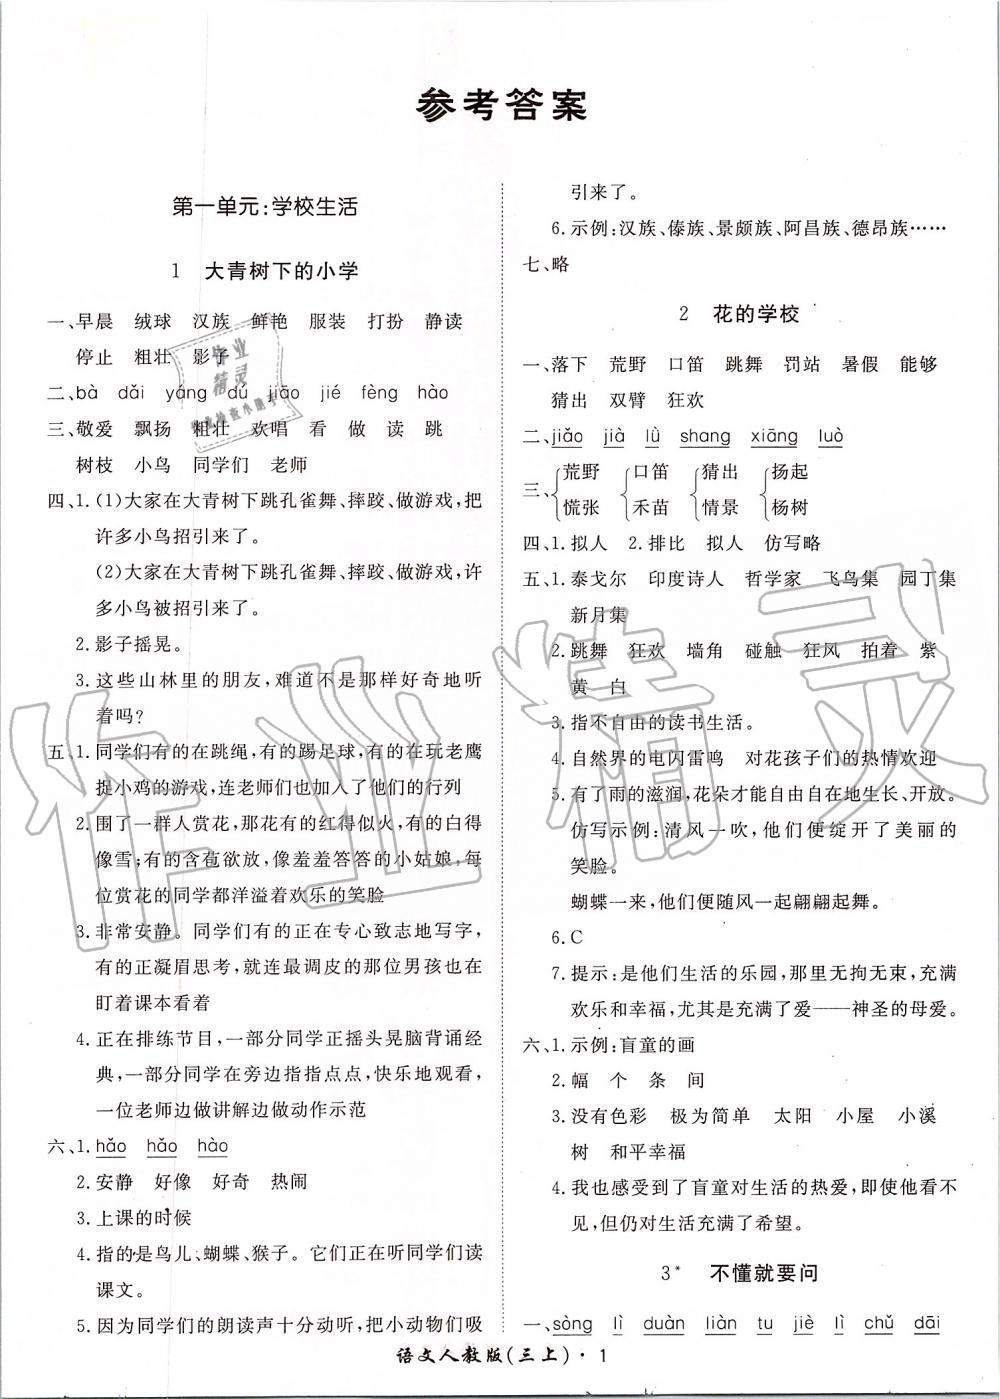 一分快三托—官方网址22270.COM_2019年黄冈360定制课时三年级语文上册人教版第1页